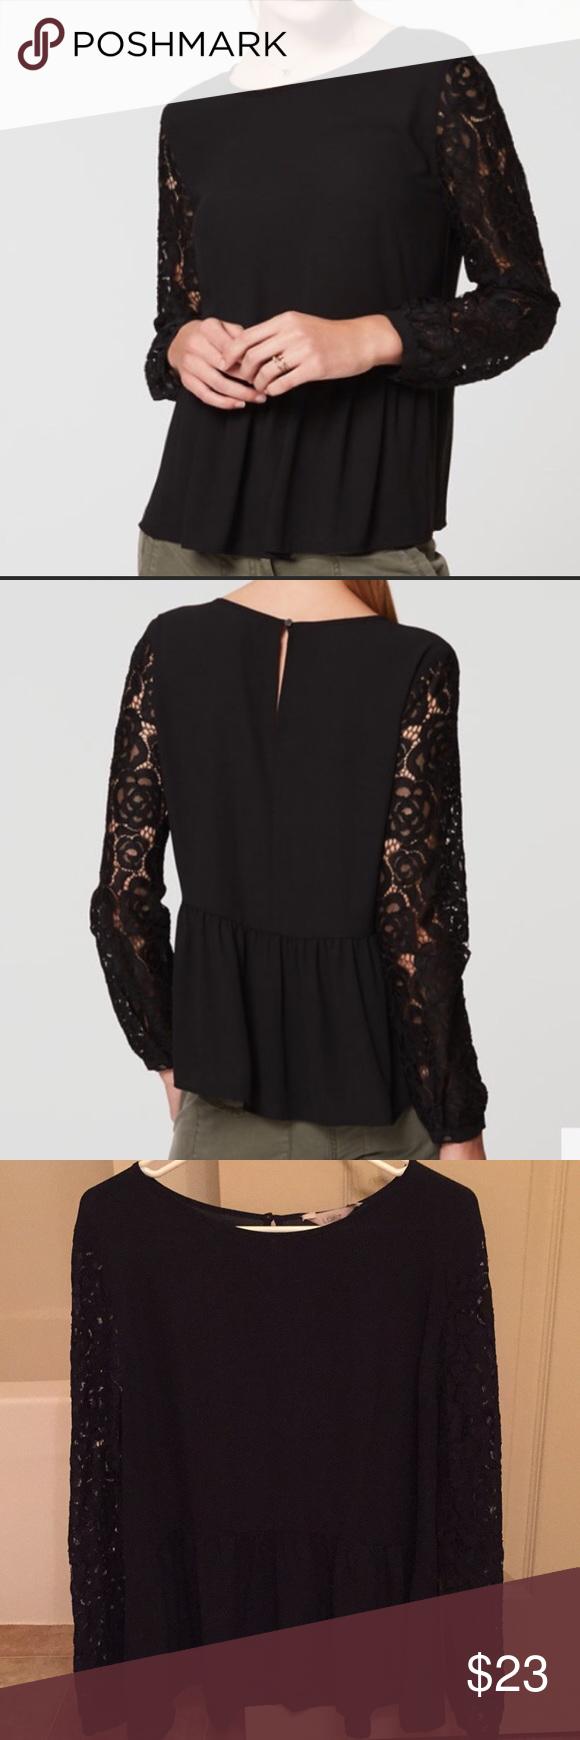 """7ba0934d Loft peplum blouse with lace sleeves Loft peplum blouse with lace sleeves  Keyhole detail on back Approx measurements: bust 22"""" LOFT Tops Blouses"""